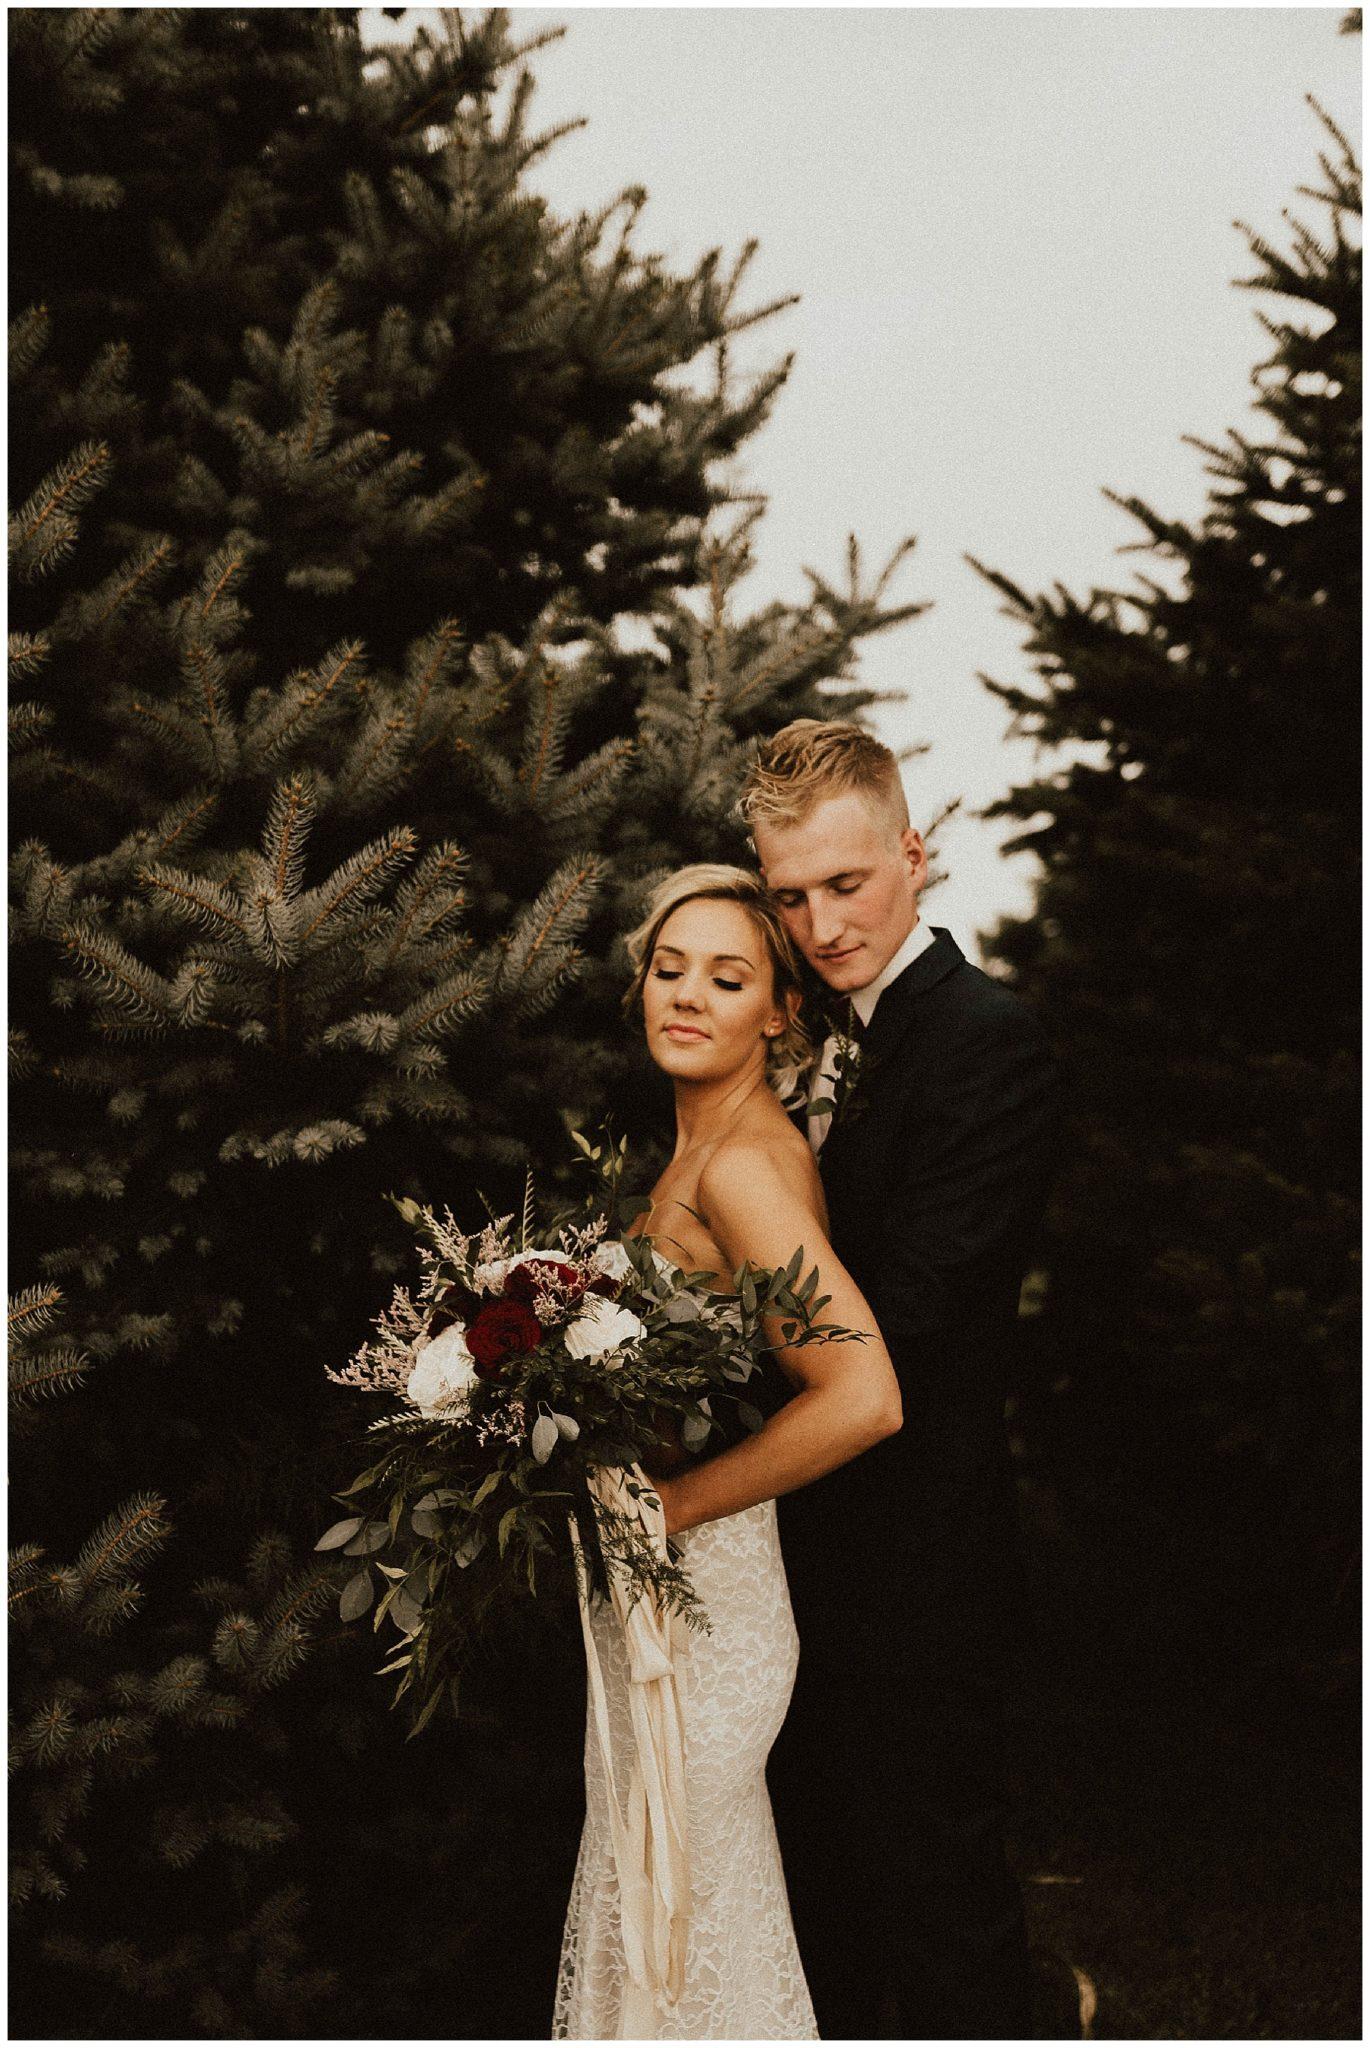 Lauren F otographyCentral Backyard Wedding Intimate xBEQedCorW